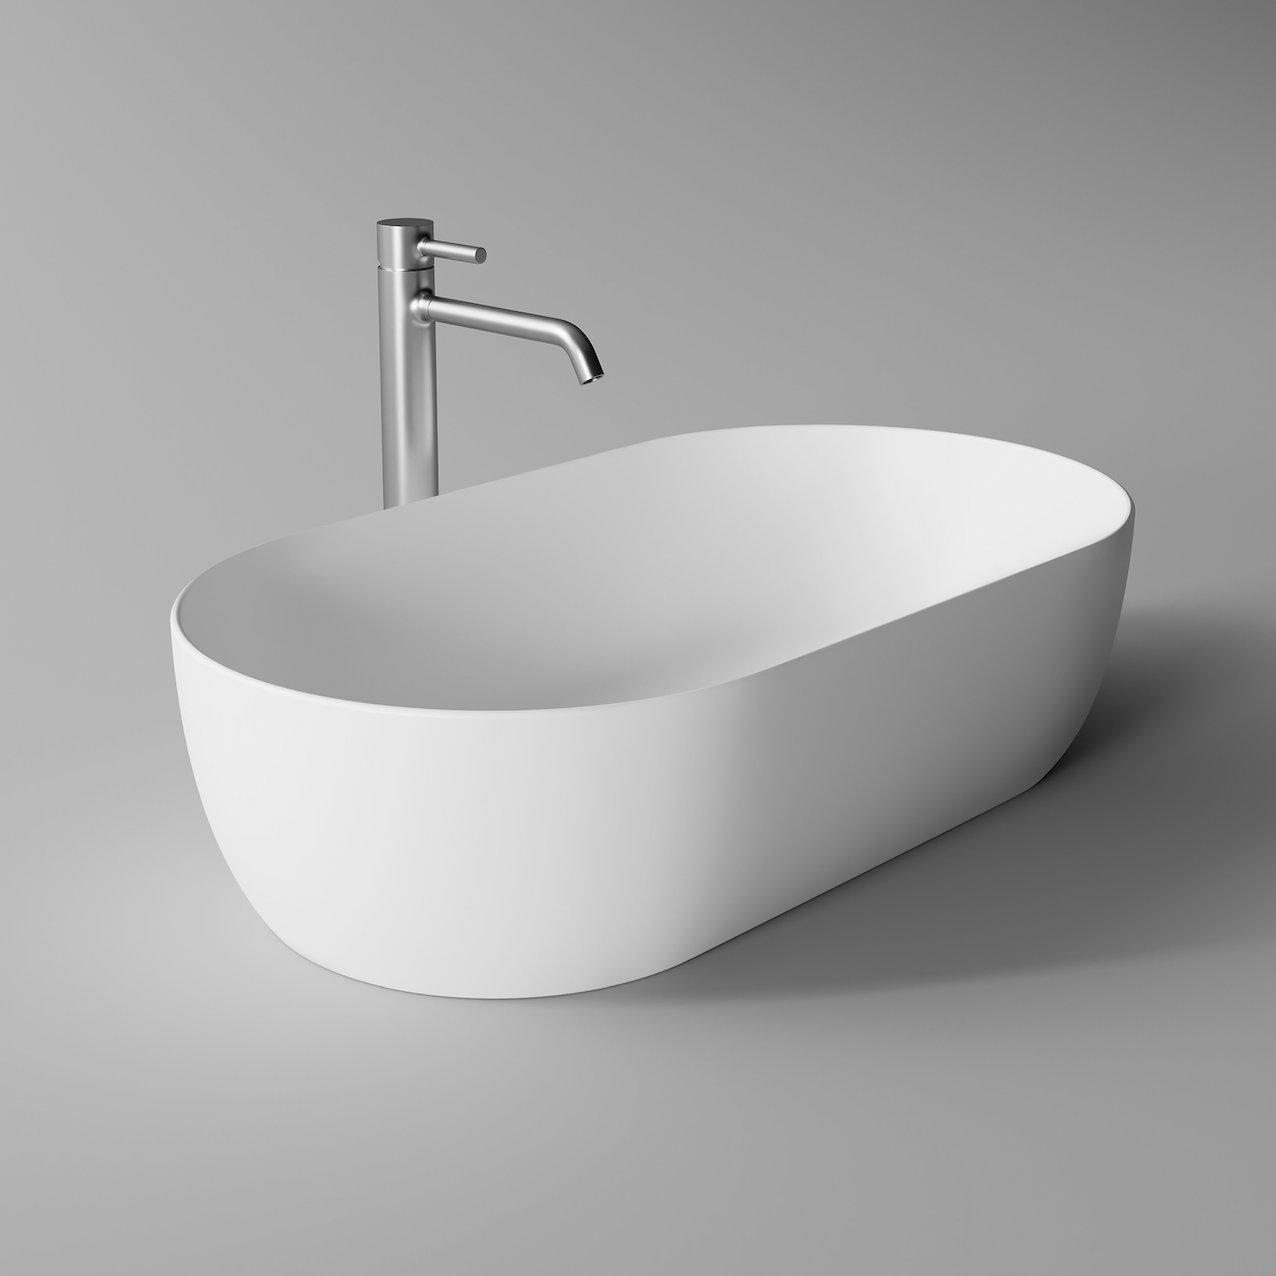 Lavabo UNICA ovale 70